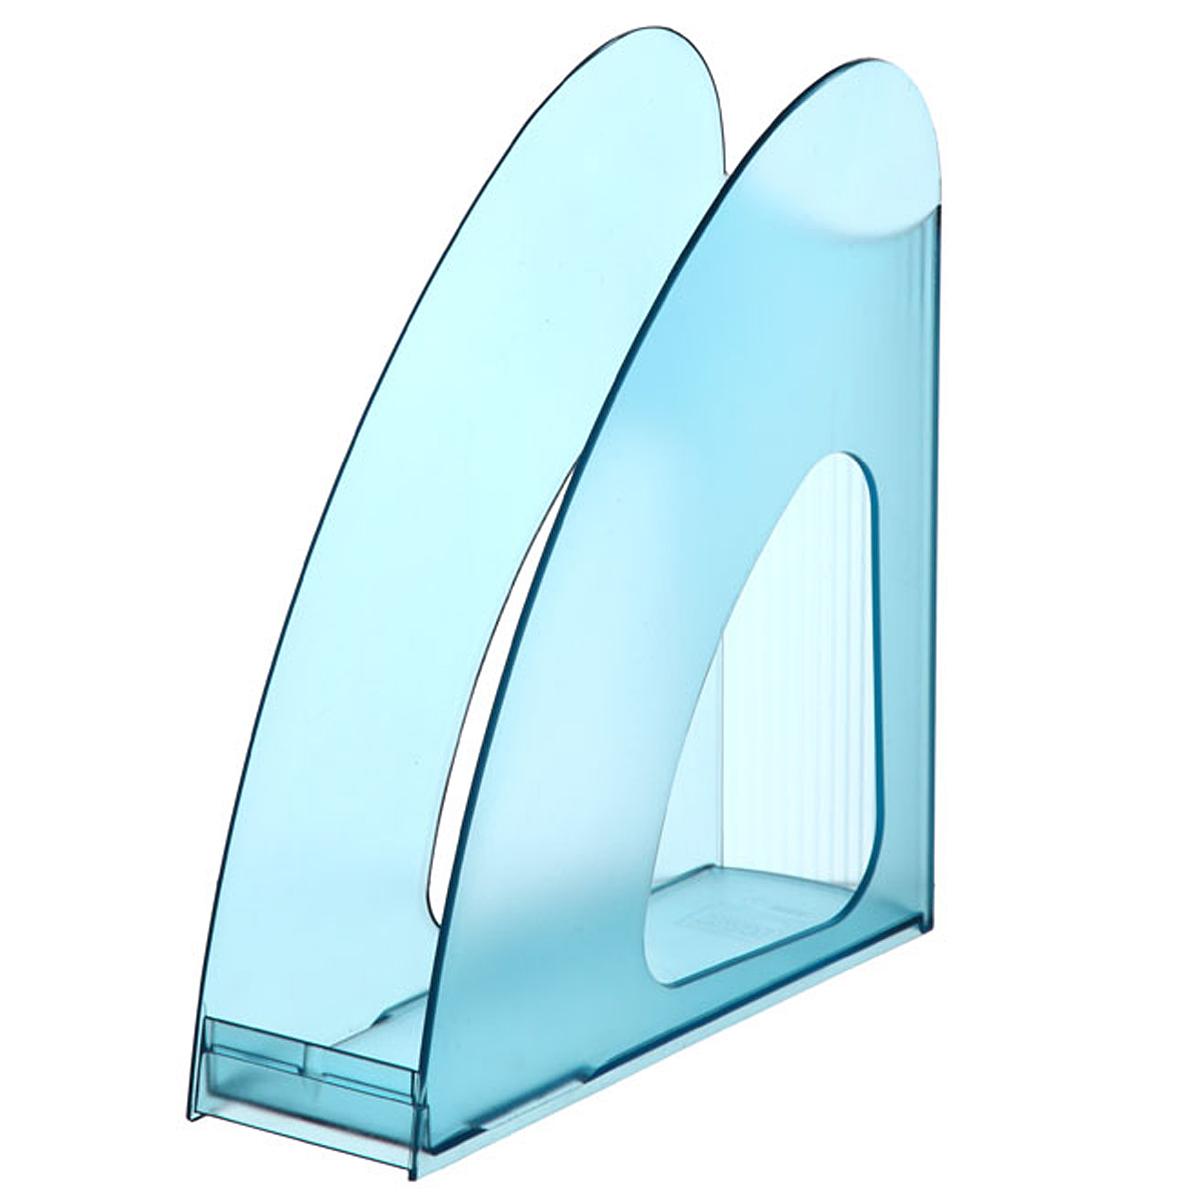 Лоток для бумаг вертикальный HAN Twin, прозрачный, цвет: бирюзовыйHA1611/641Вертикальный лоток для бумаг HAN Twin с оригинальным дизайном корпуса поможет вам навести порядок на столе и сэкономить пространство. Лоток изготовлен из высококачественного антистатического прозрачного пластика. Низкий передний порог облегчает изъятие документов из накопителя. Благодаря лотку для бумаг, важные бумаги и документы всегда будут под рукой.